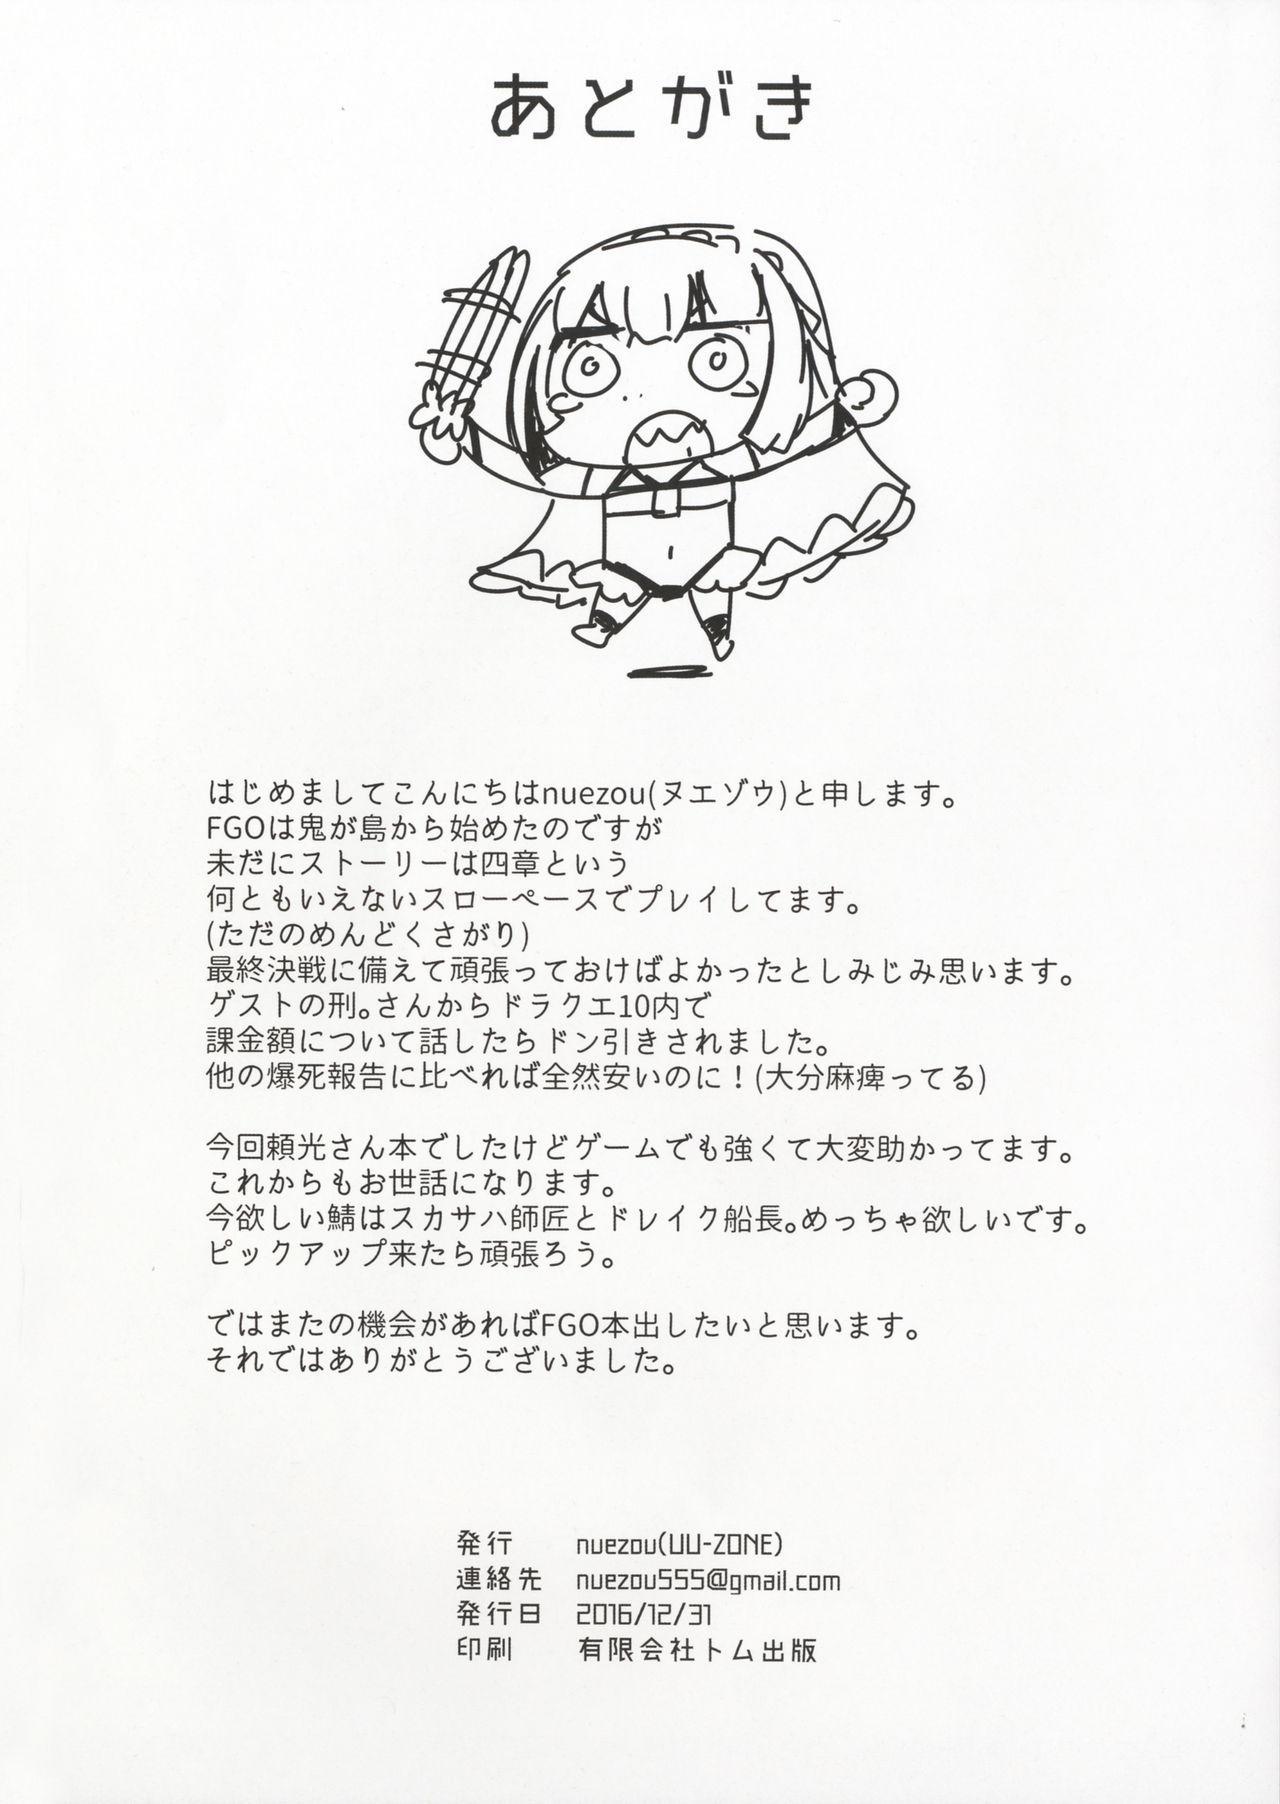 Shuten to Raikou no Yukemuri Daisakusen 24